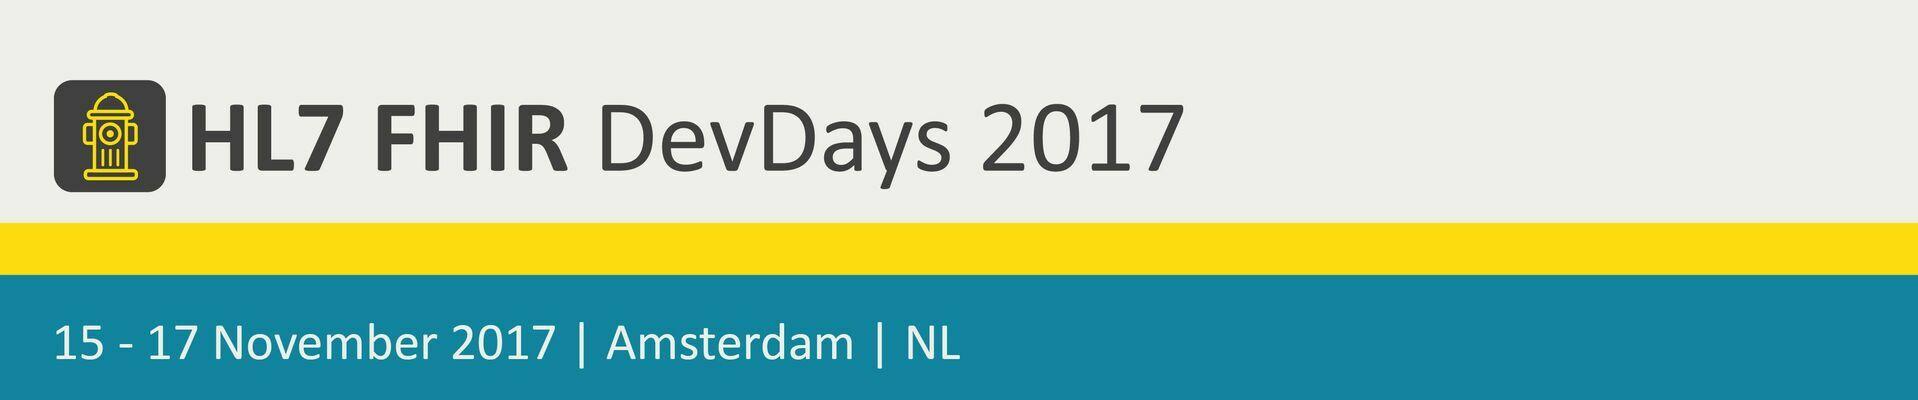 FHIR DevDays 2017